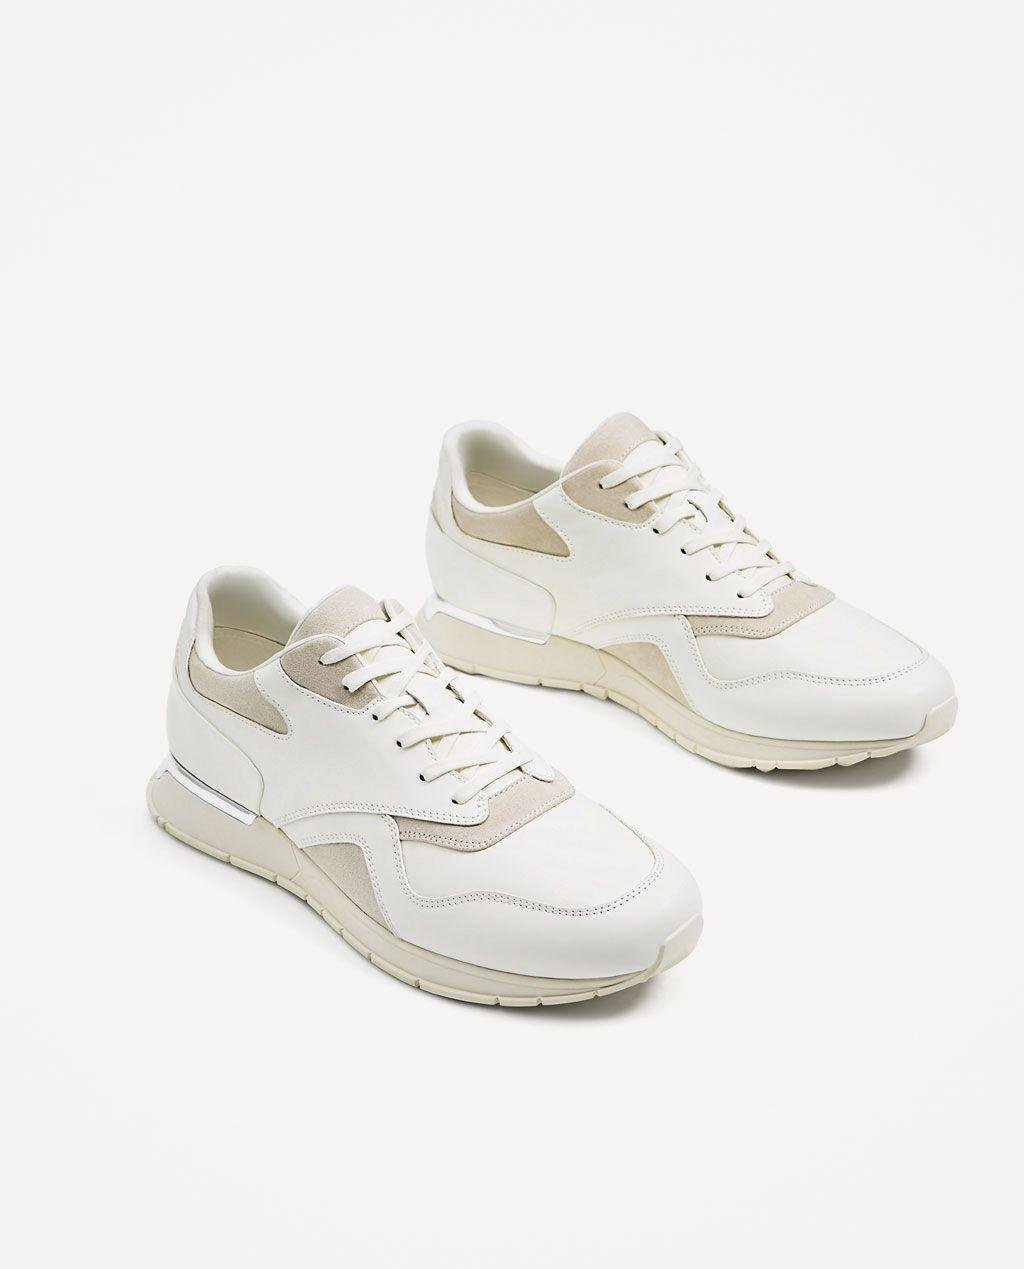 Oie D'or De La Marque De Luxe Enfants Chaussures De Sport Star Perforées - Blanc 1mhiX8Zf